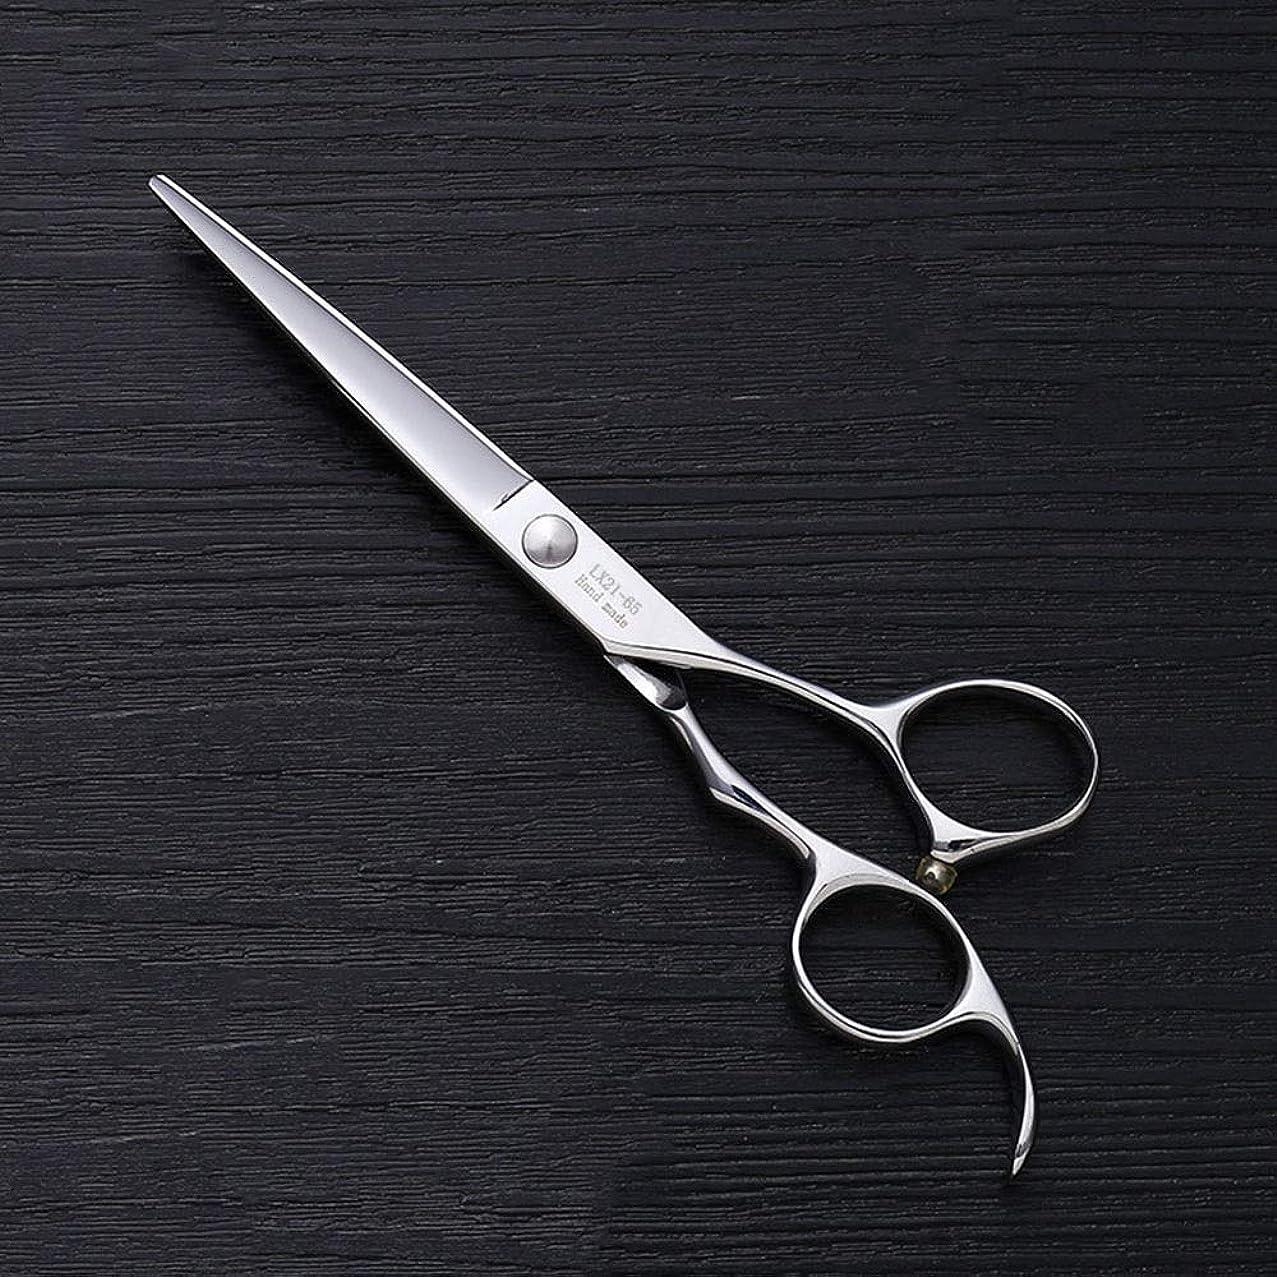 倍率アピールまろやかなHOTARUYiZi 散髪ハサミ カットバサミ セニング 散髪はさみ すきバサミ プロ ヘアカット カットシザー 品質保証 耐久性 美容院 ステンレス鋼 専門カット 6インチ 髪カット (色 : Silver)